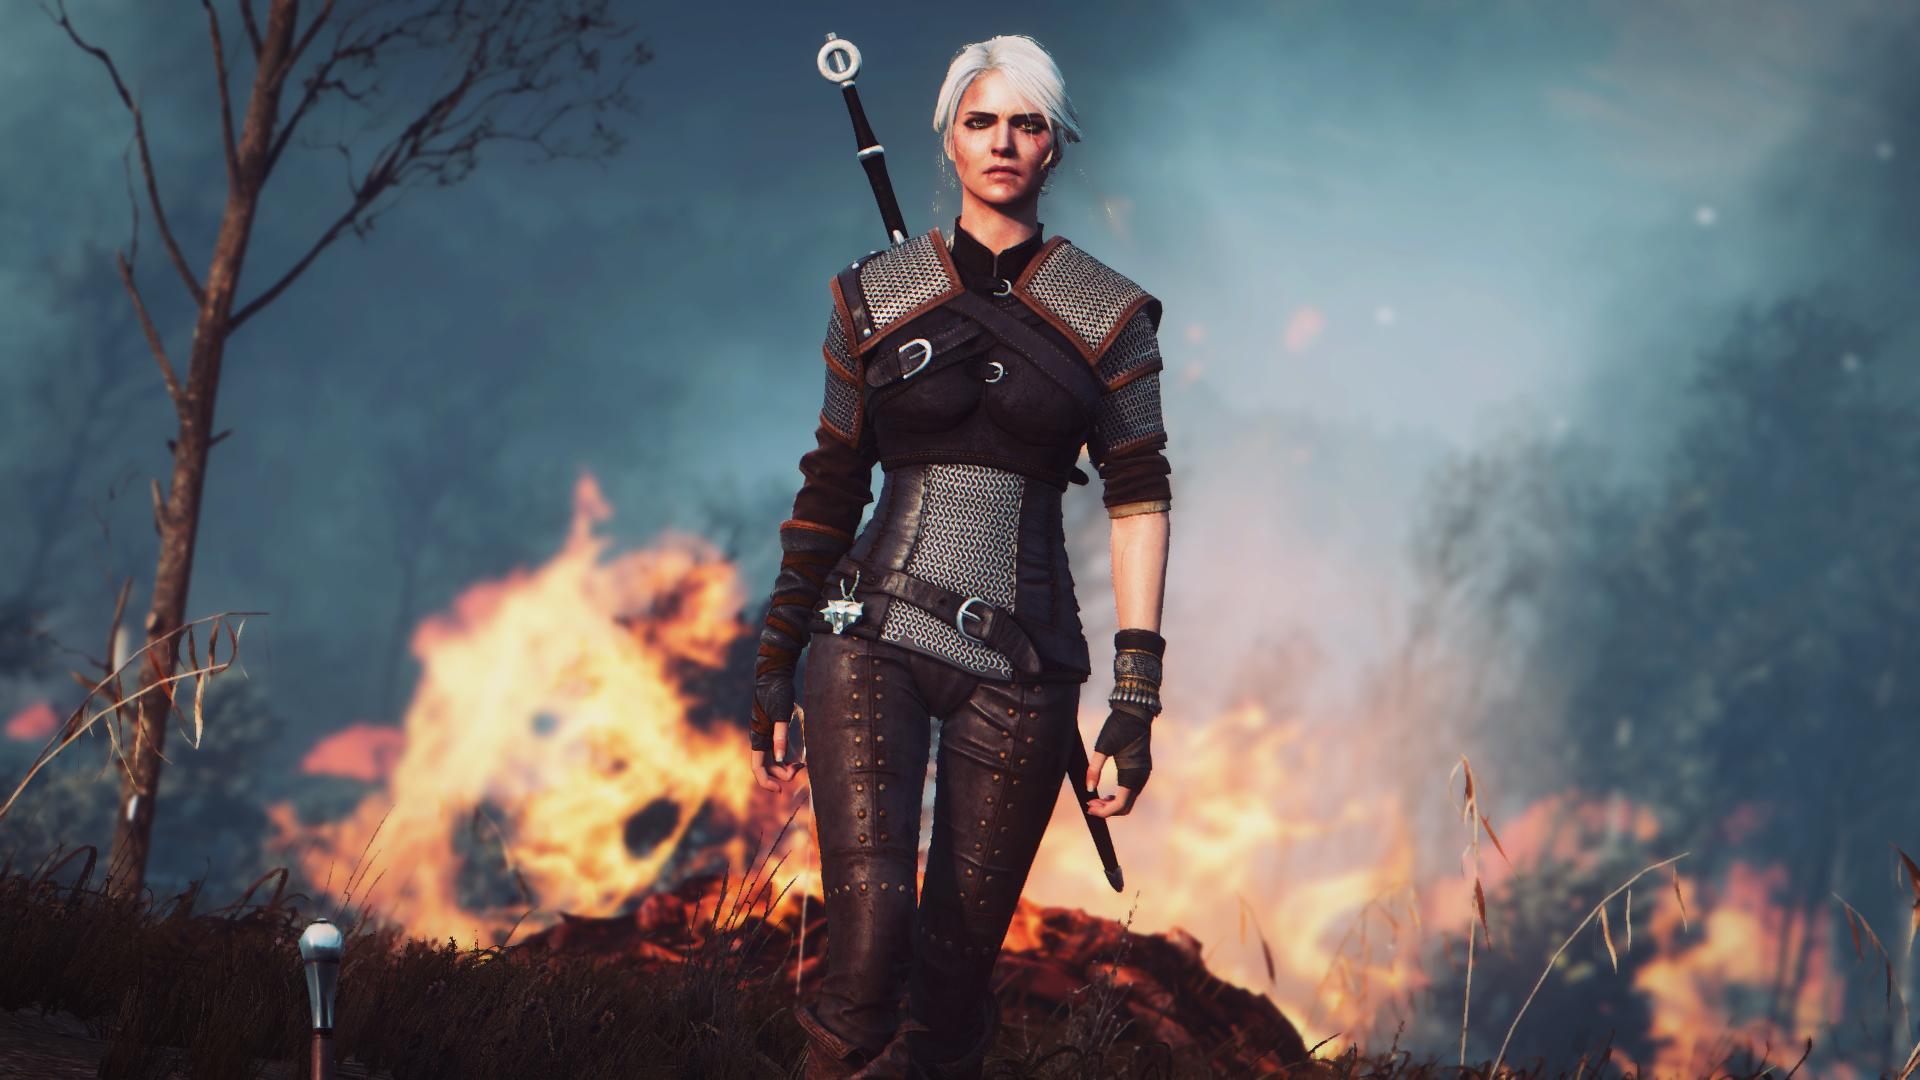 سیری میتواند گزینهی خوبی برای ایفای نقش اصلی بازی بعد باشد.